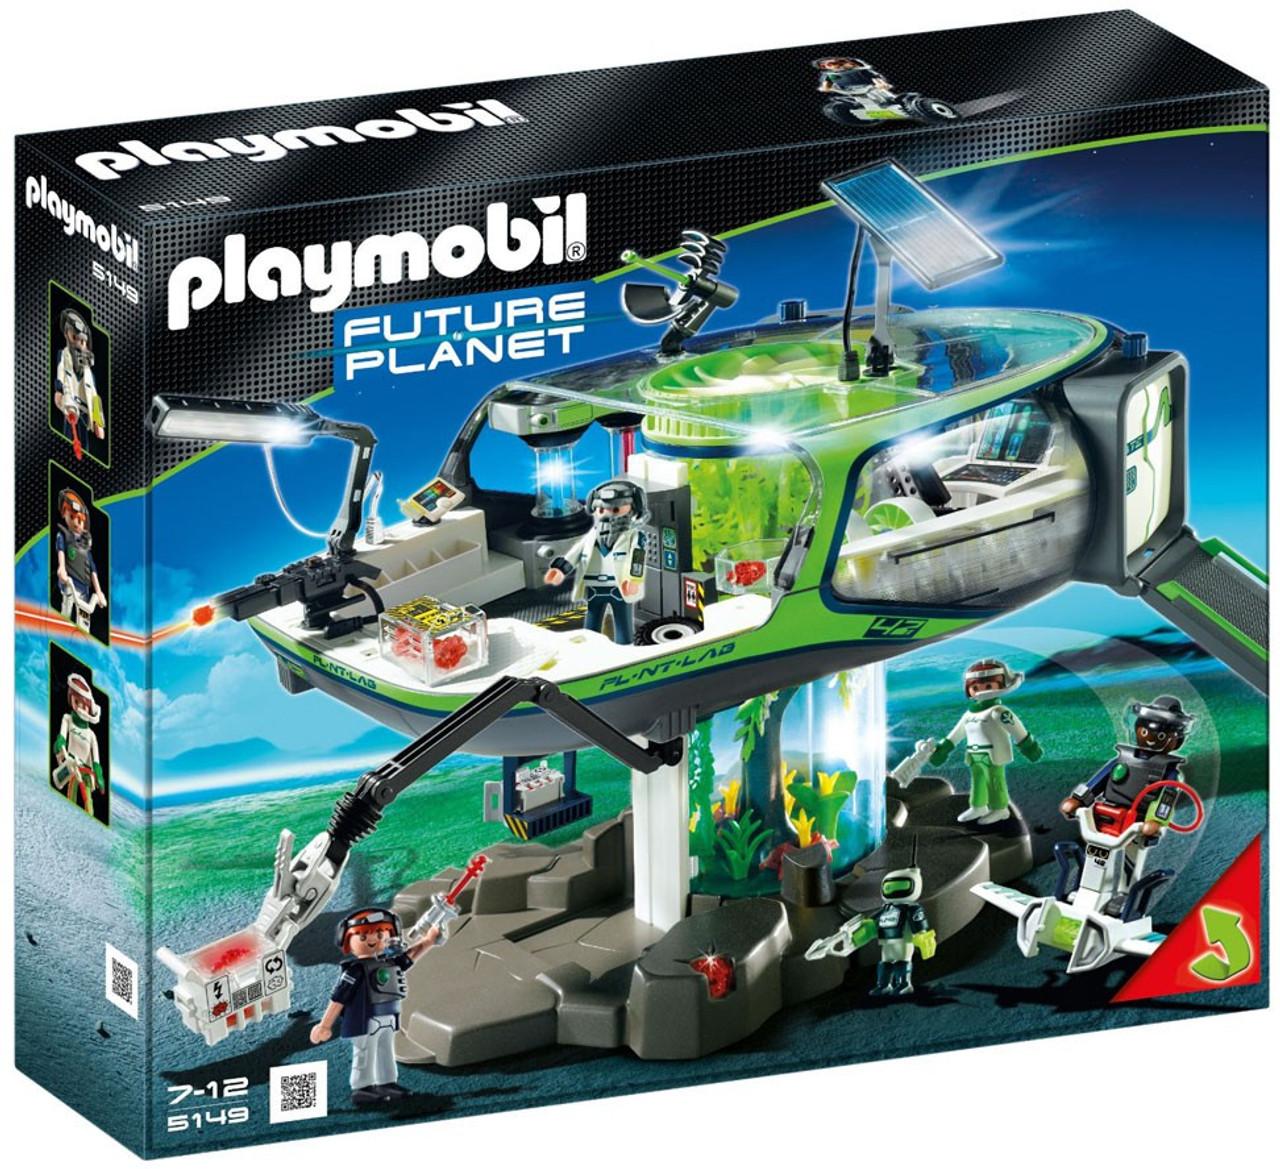 Playmobil Future Planet E-Rangers Headquarters Set #5149